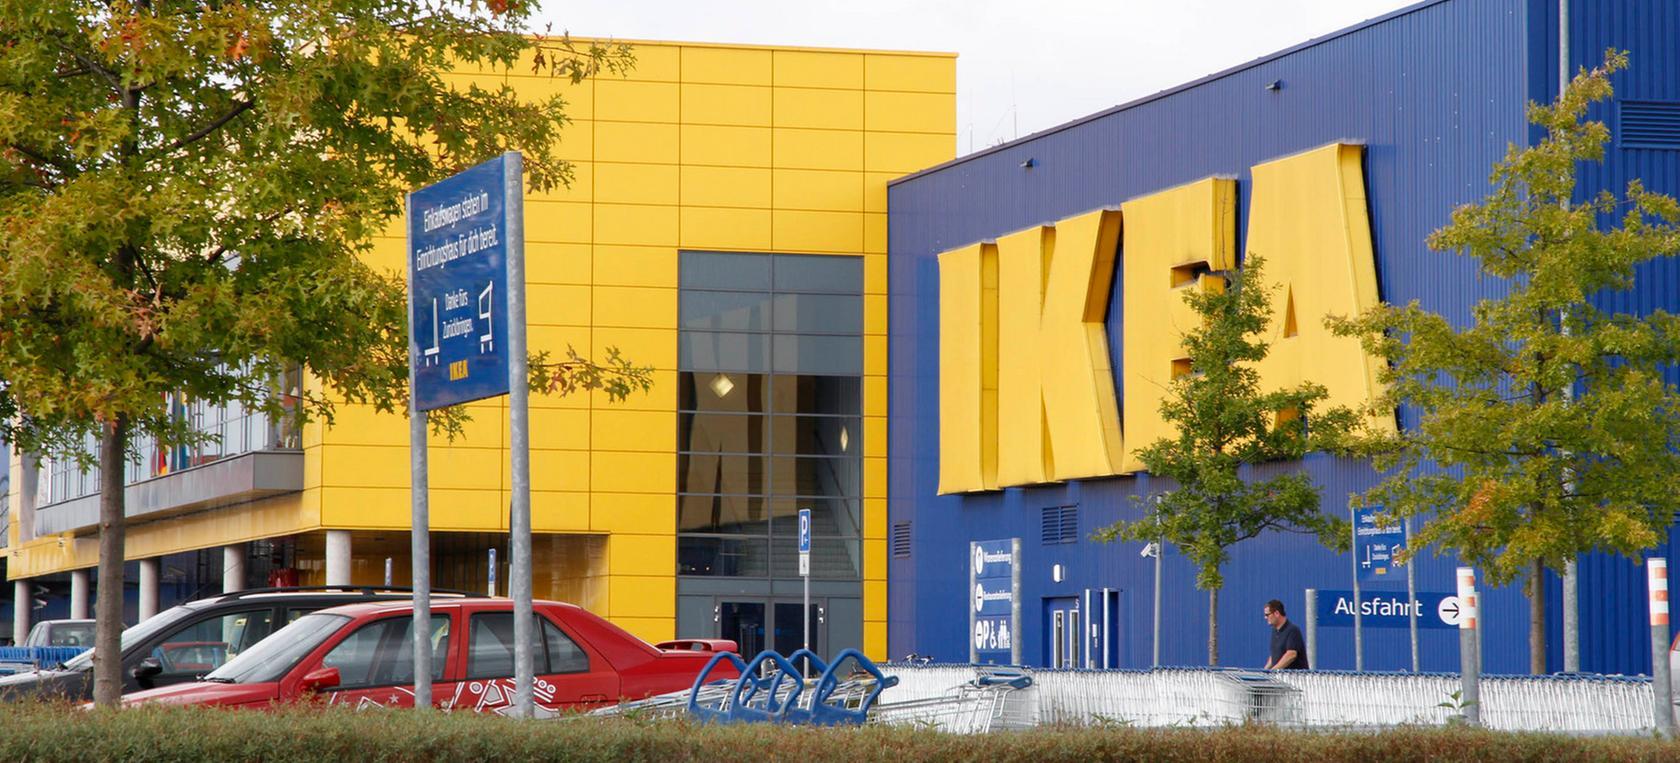 Ikea will in Nürnberg ein Lager- statt eines Möbelhauses errichten - die Kritik aus der Politik ist heftig.